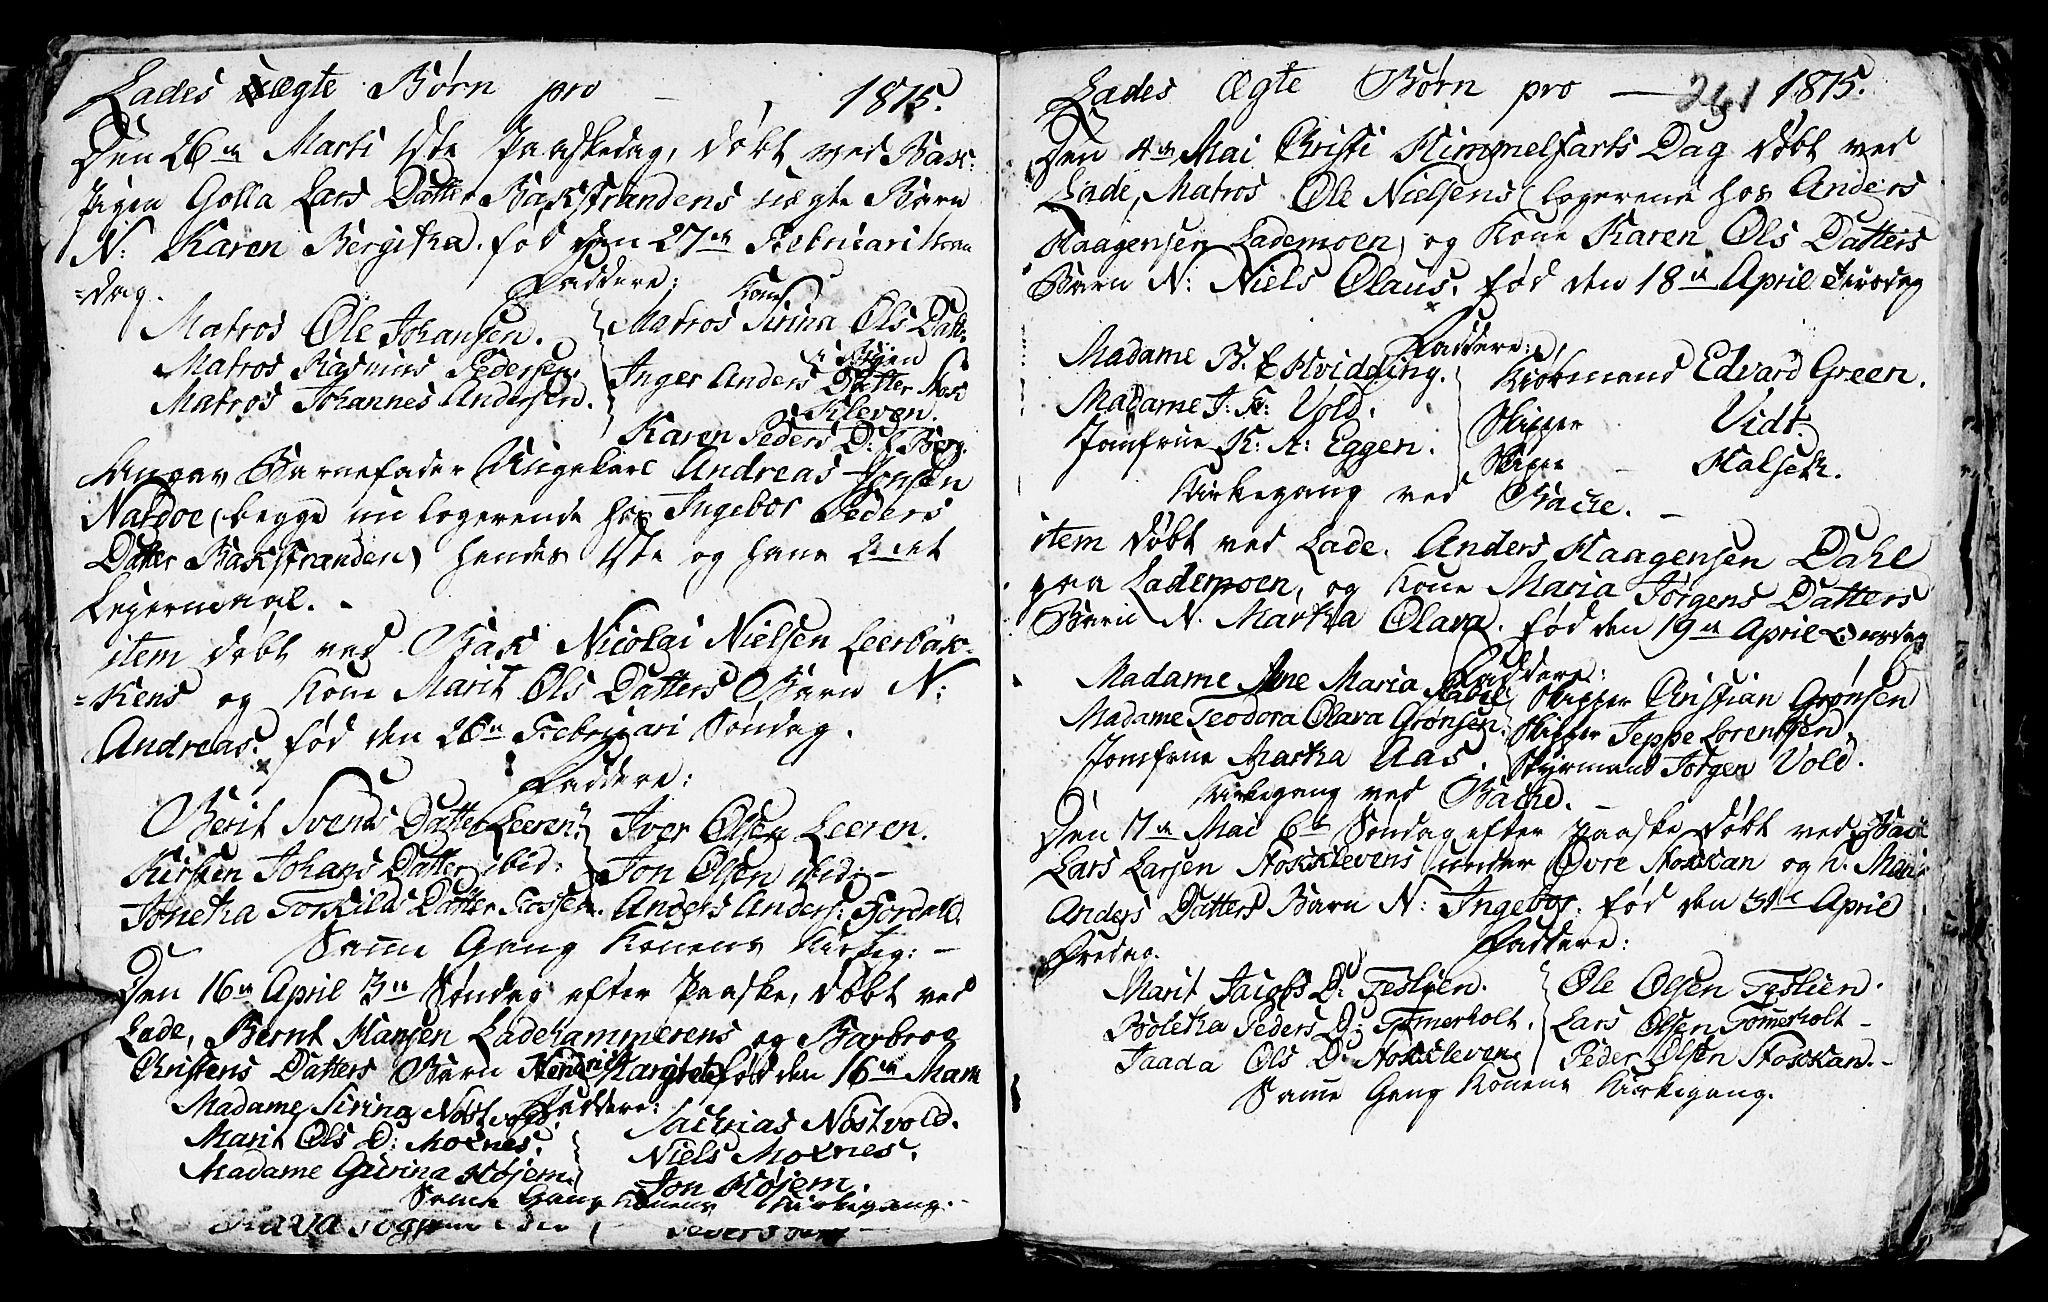 SAT, Ministerialprotokoller, klokkerbøker og fødselsregistre - Sør-Trøndelag, 606/L0305: Klokkerbok nr. 606C01, 1757-1819, s. 261